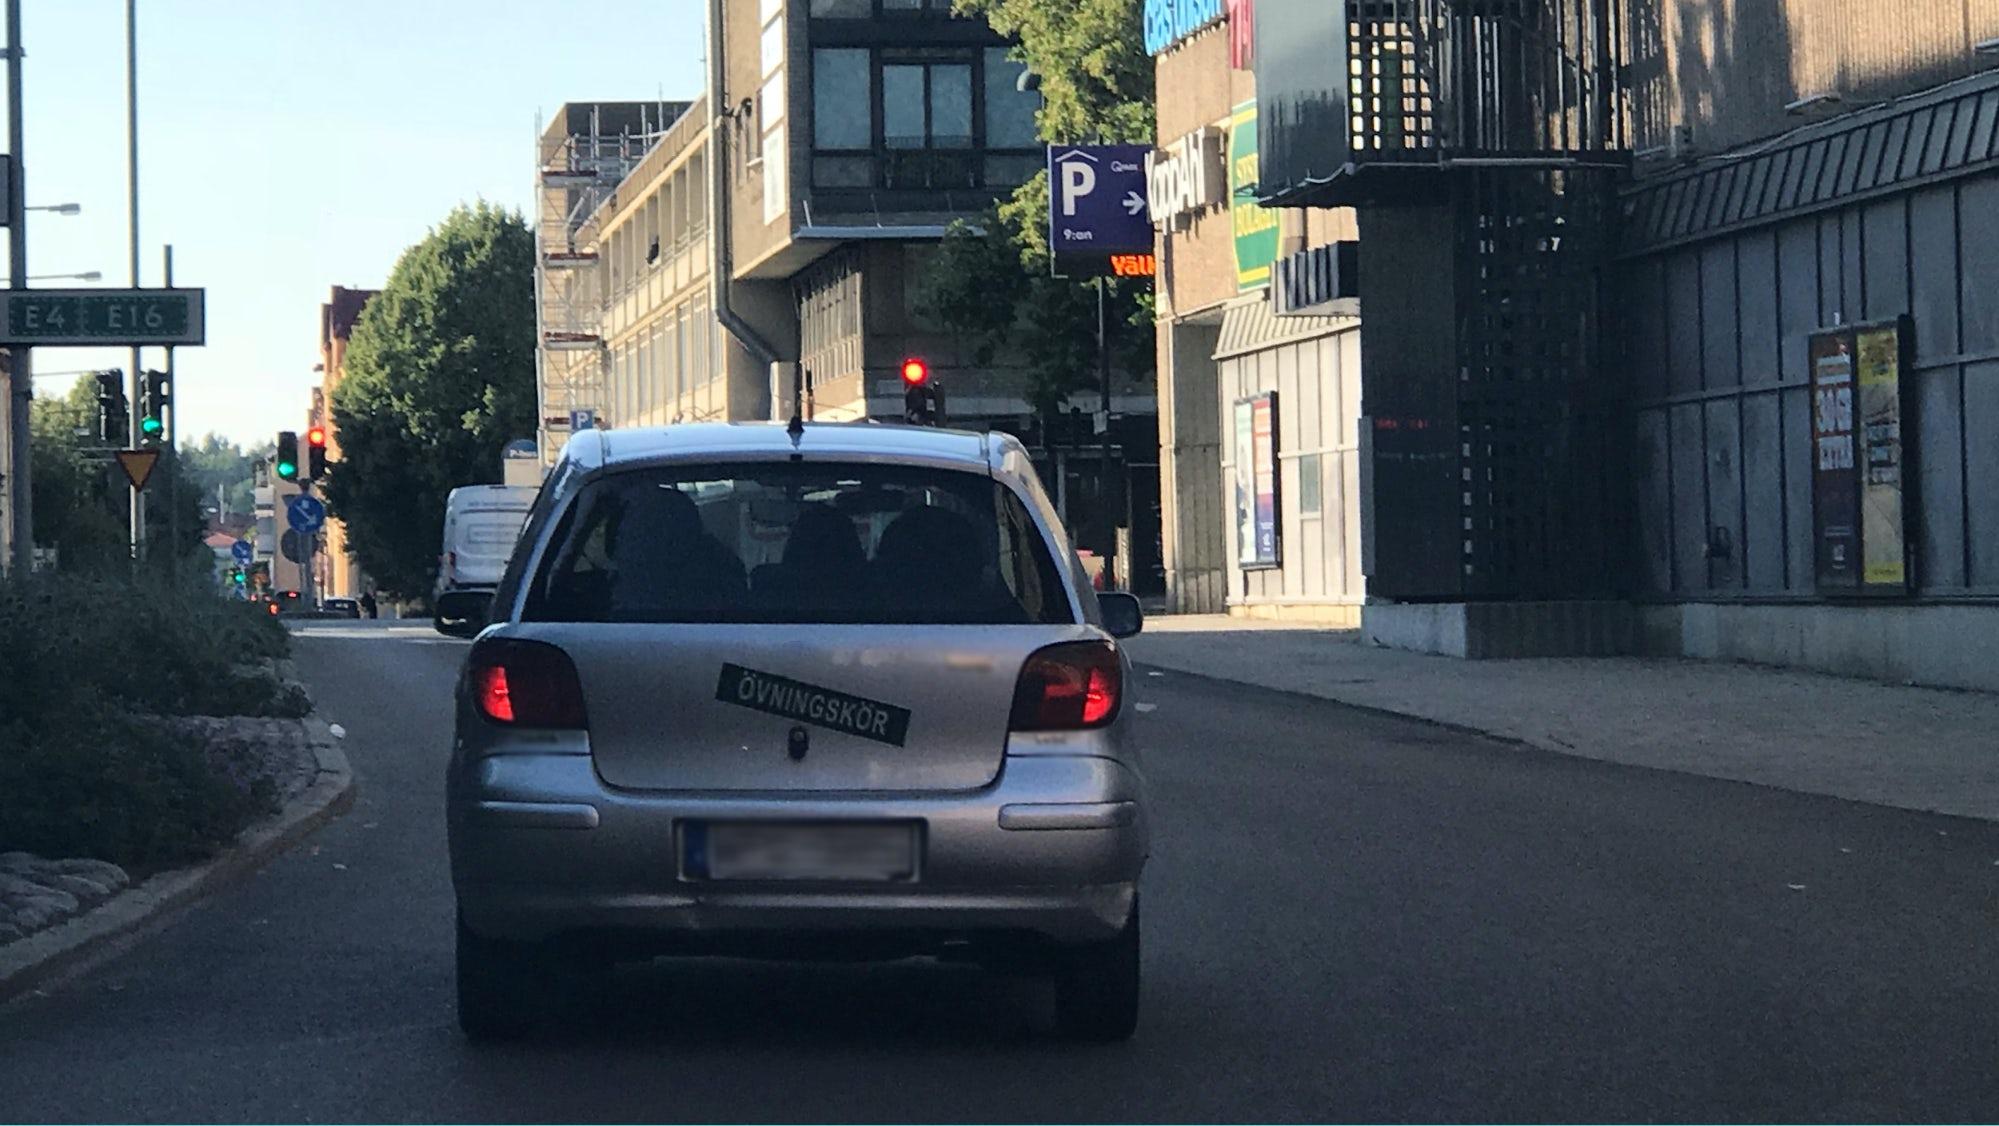 Bil som har övningskörningsskylt uppsatt på bakluckan.